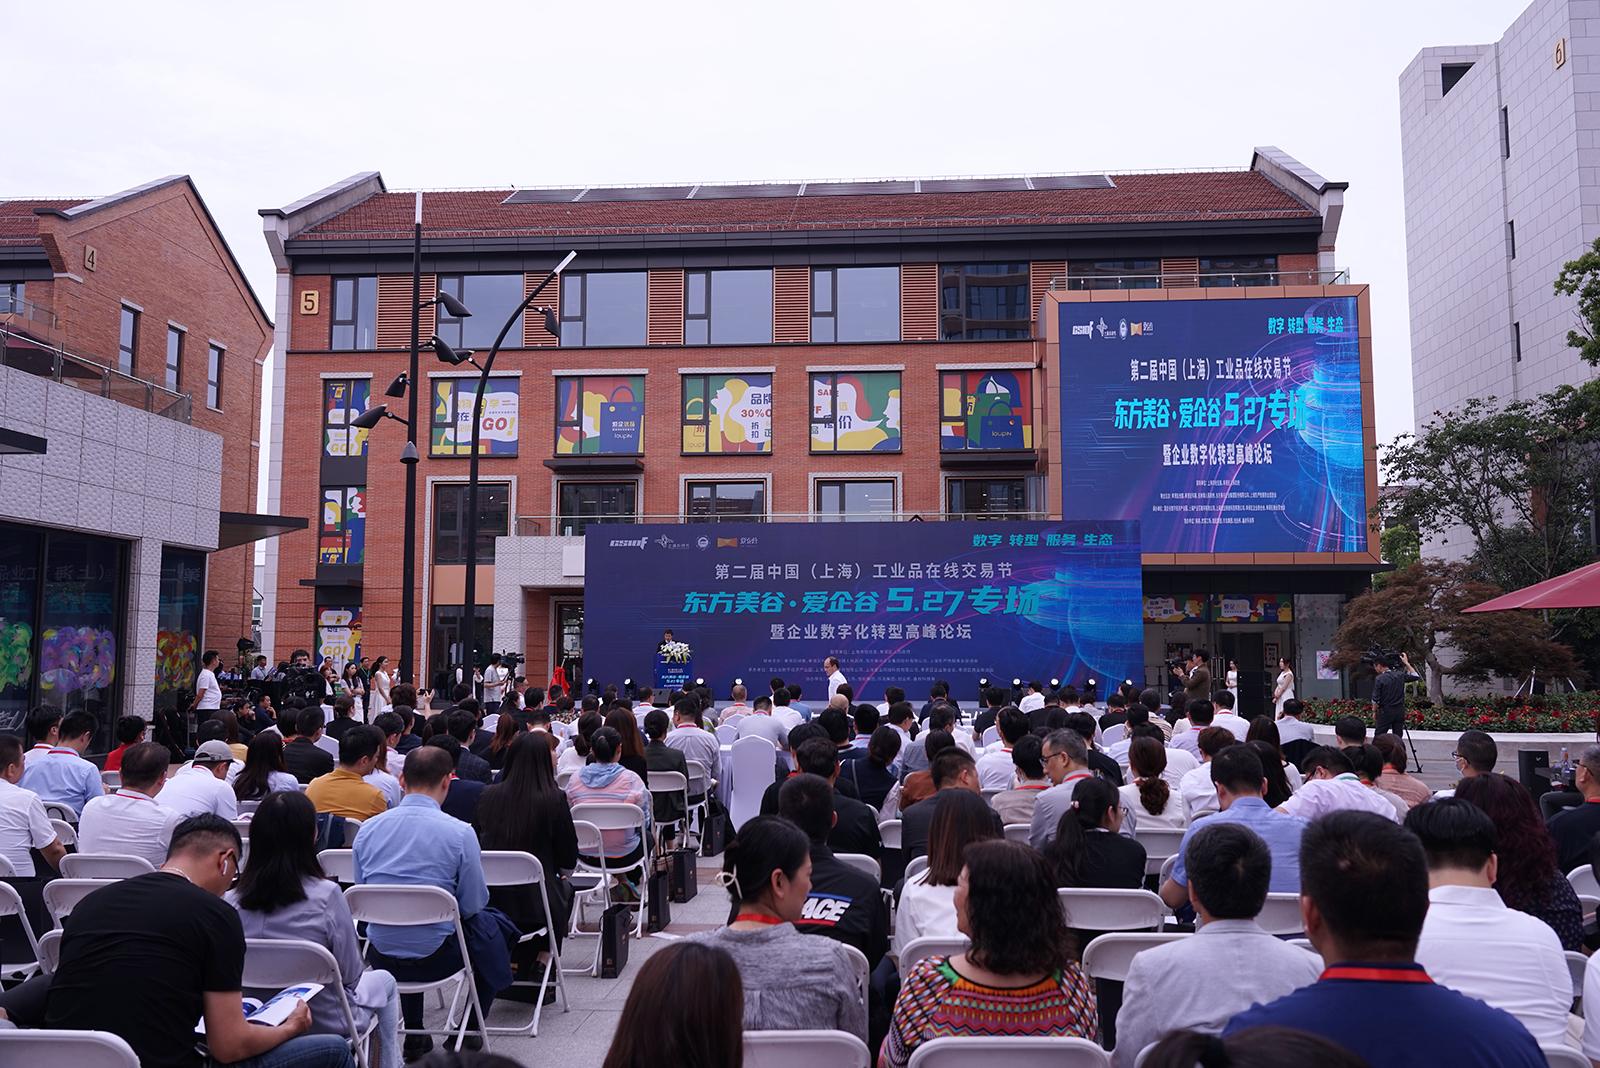 第二届中国(上海)工业品在线交易节东方美谷·爱企谷5